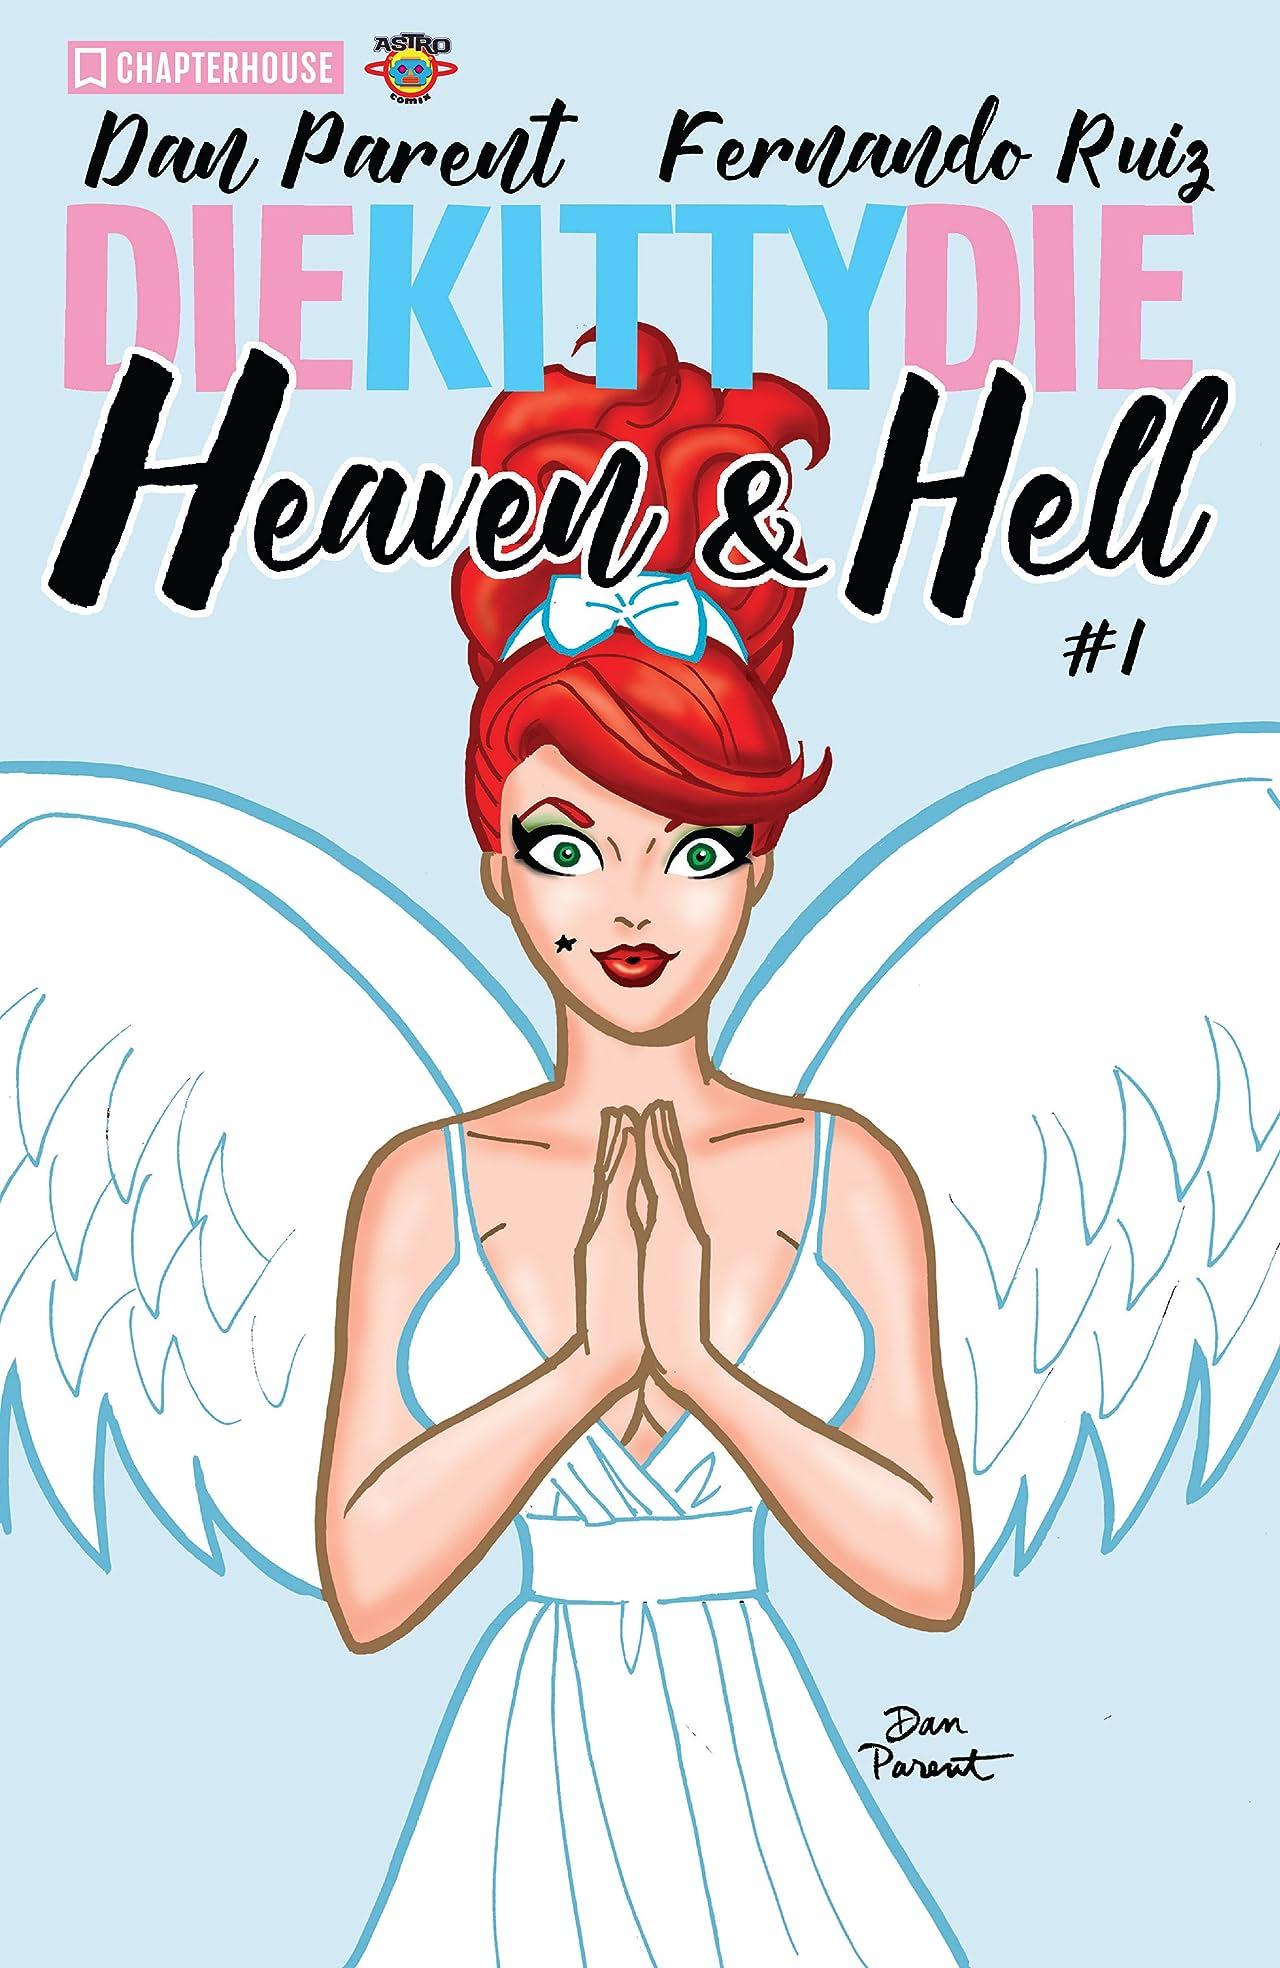 Die Kitty Die: Heaven and Hell #1